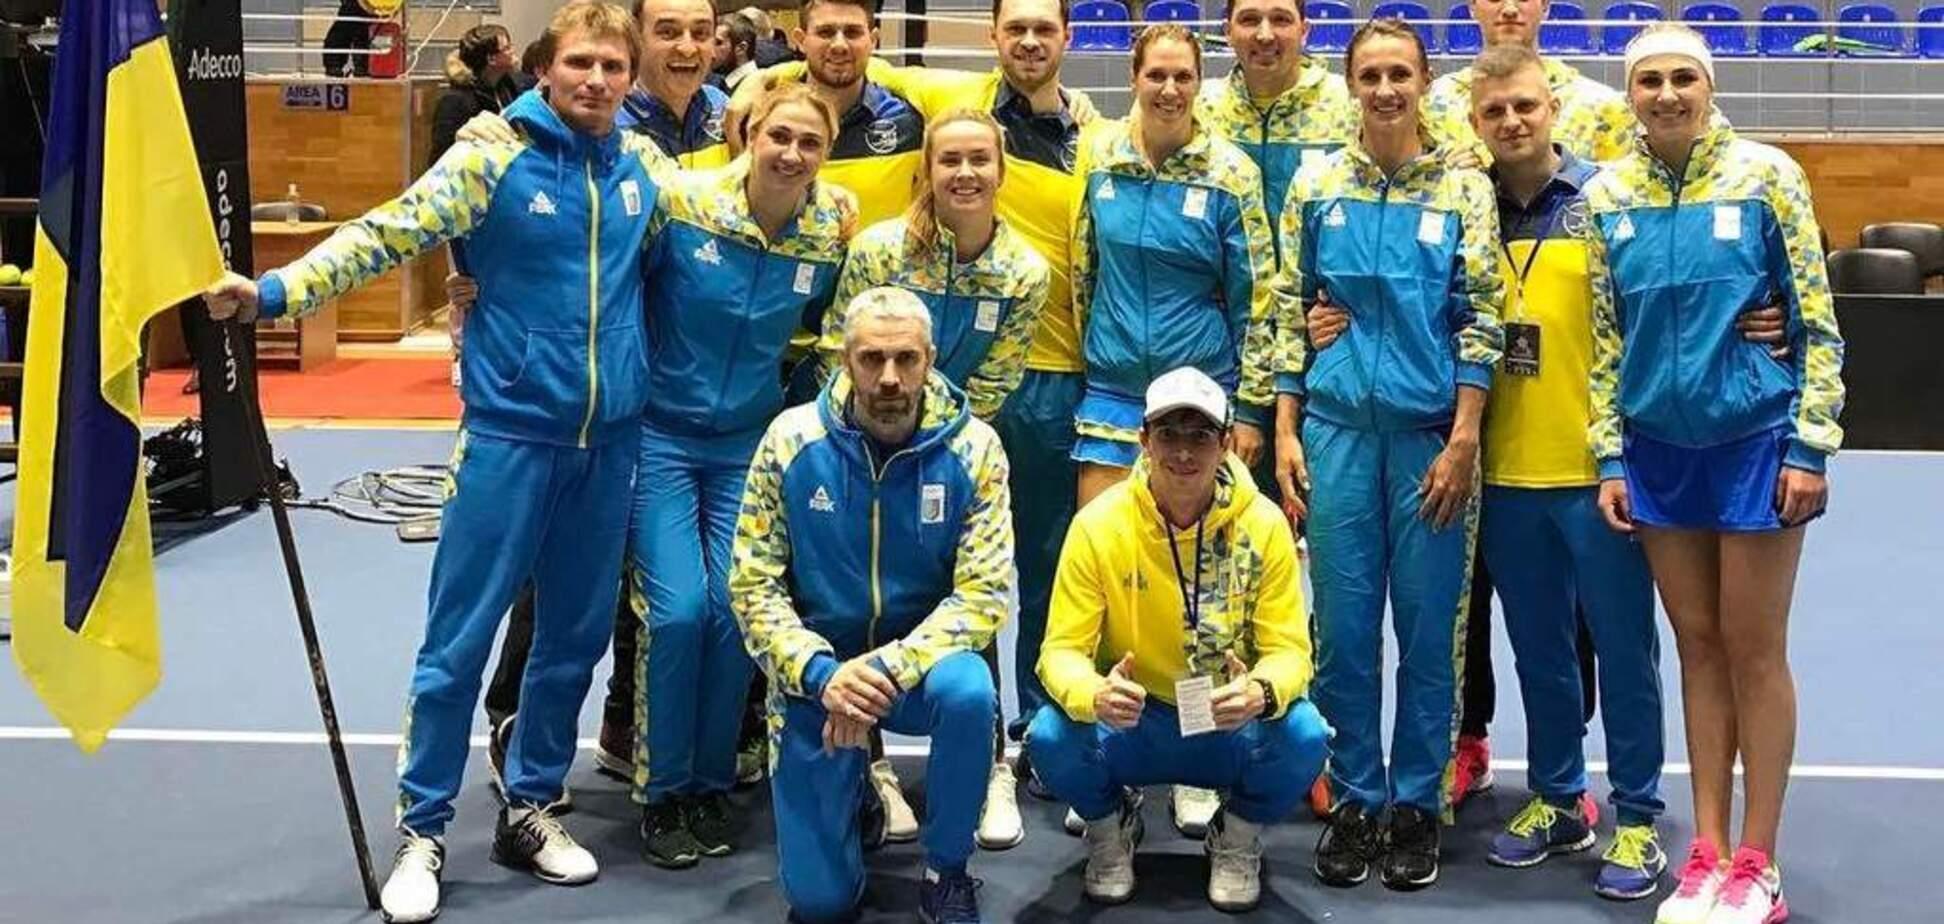 Відмова грати за збірну України: Світоліна зробила офіційну заяву